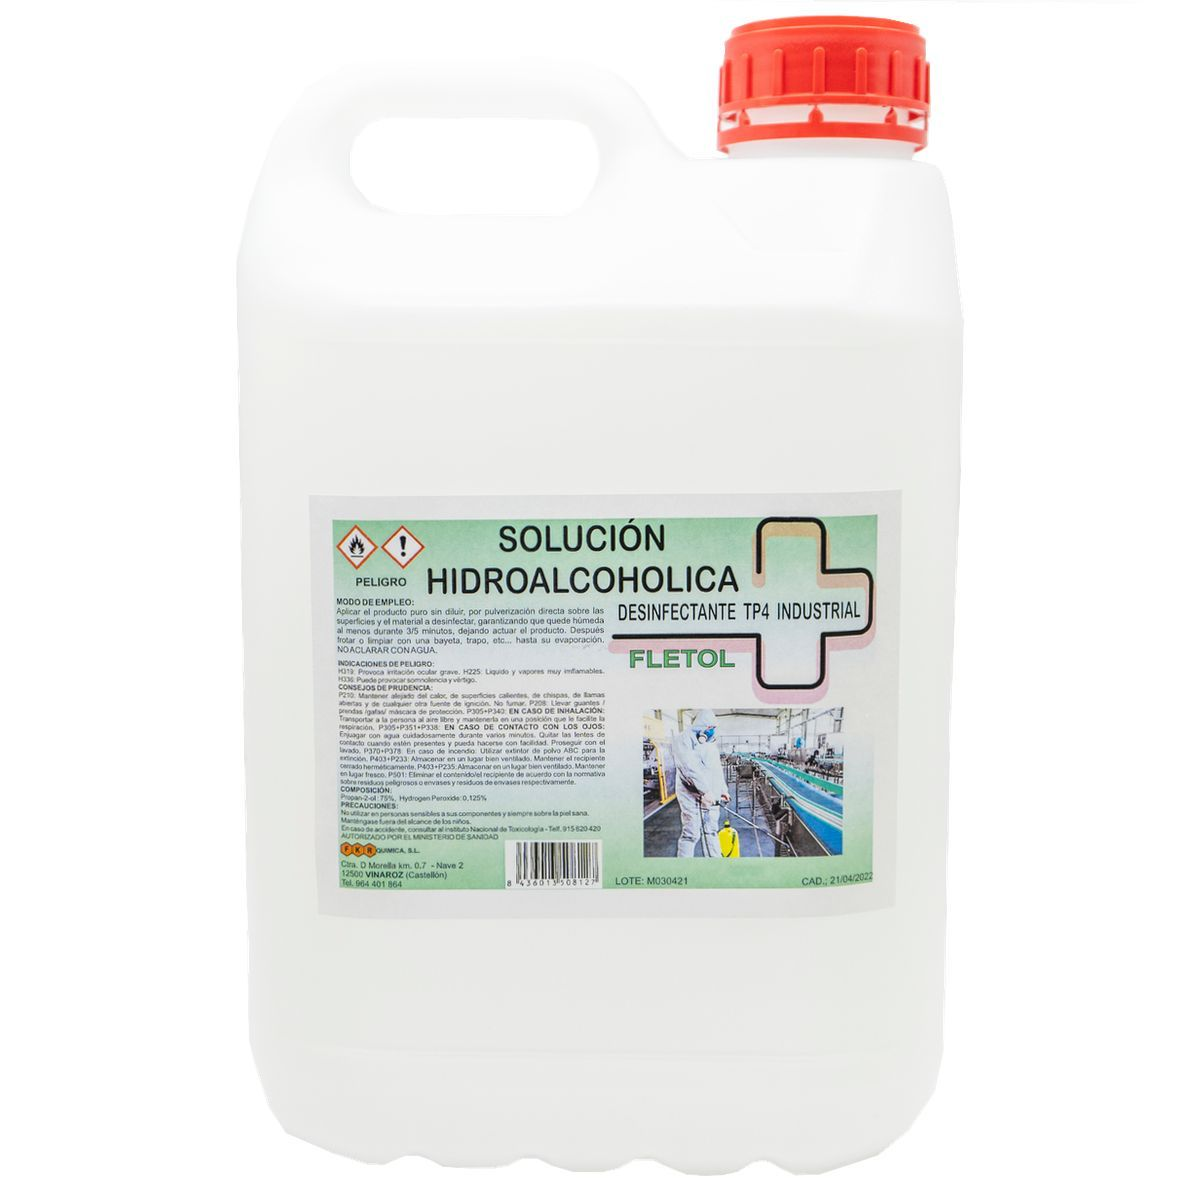 Desinfectante Solución Hidroalcoholica Fletol 5L